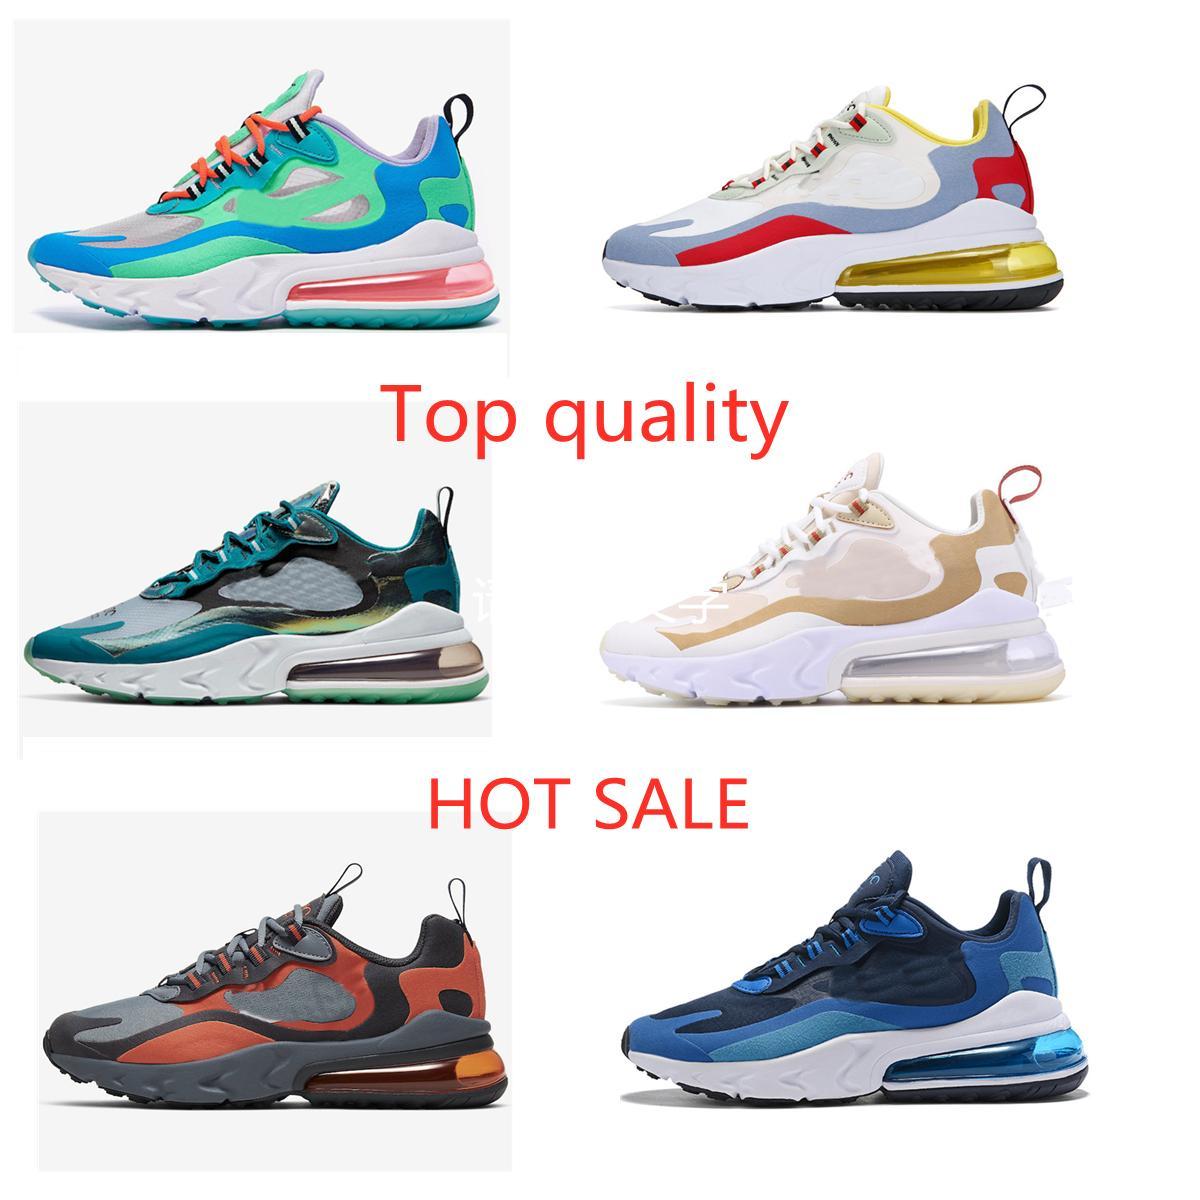 Nike Air Max 270 React 2021 Neue Ankunft Reaktion Männer Lauf im Freien Schuhe Top Qualität Triple Black Fashion Herren Trainer Atmungsaktive Sport Sneakers Größe 36-45